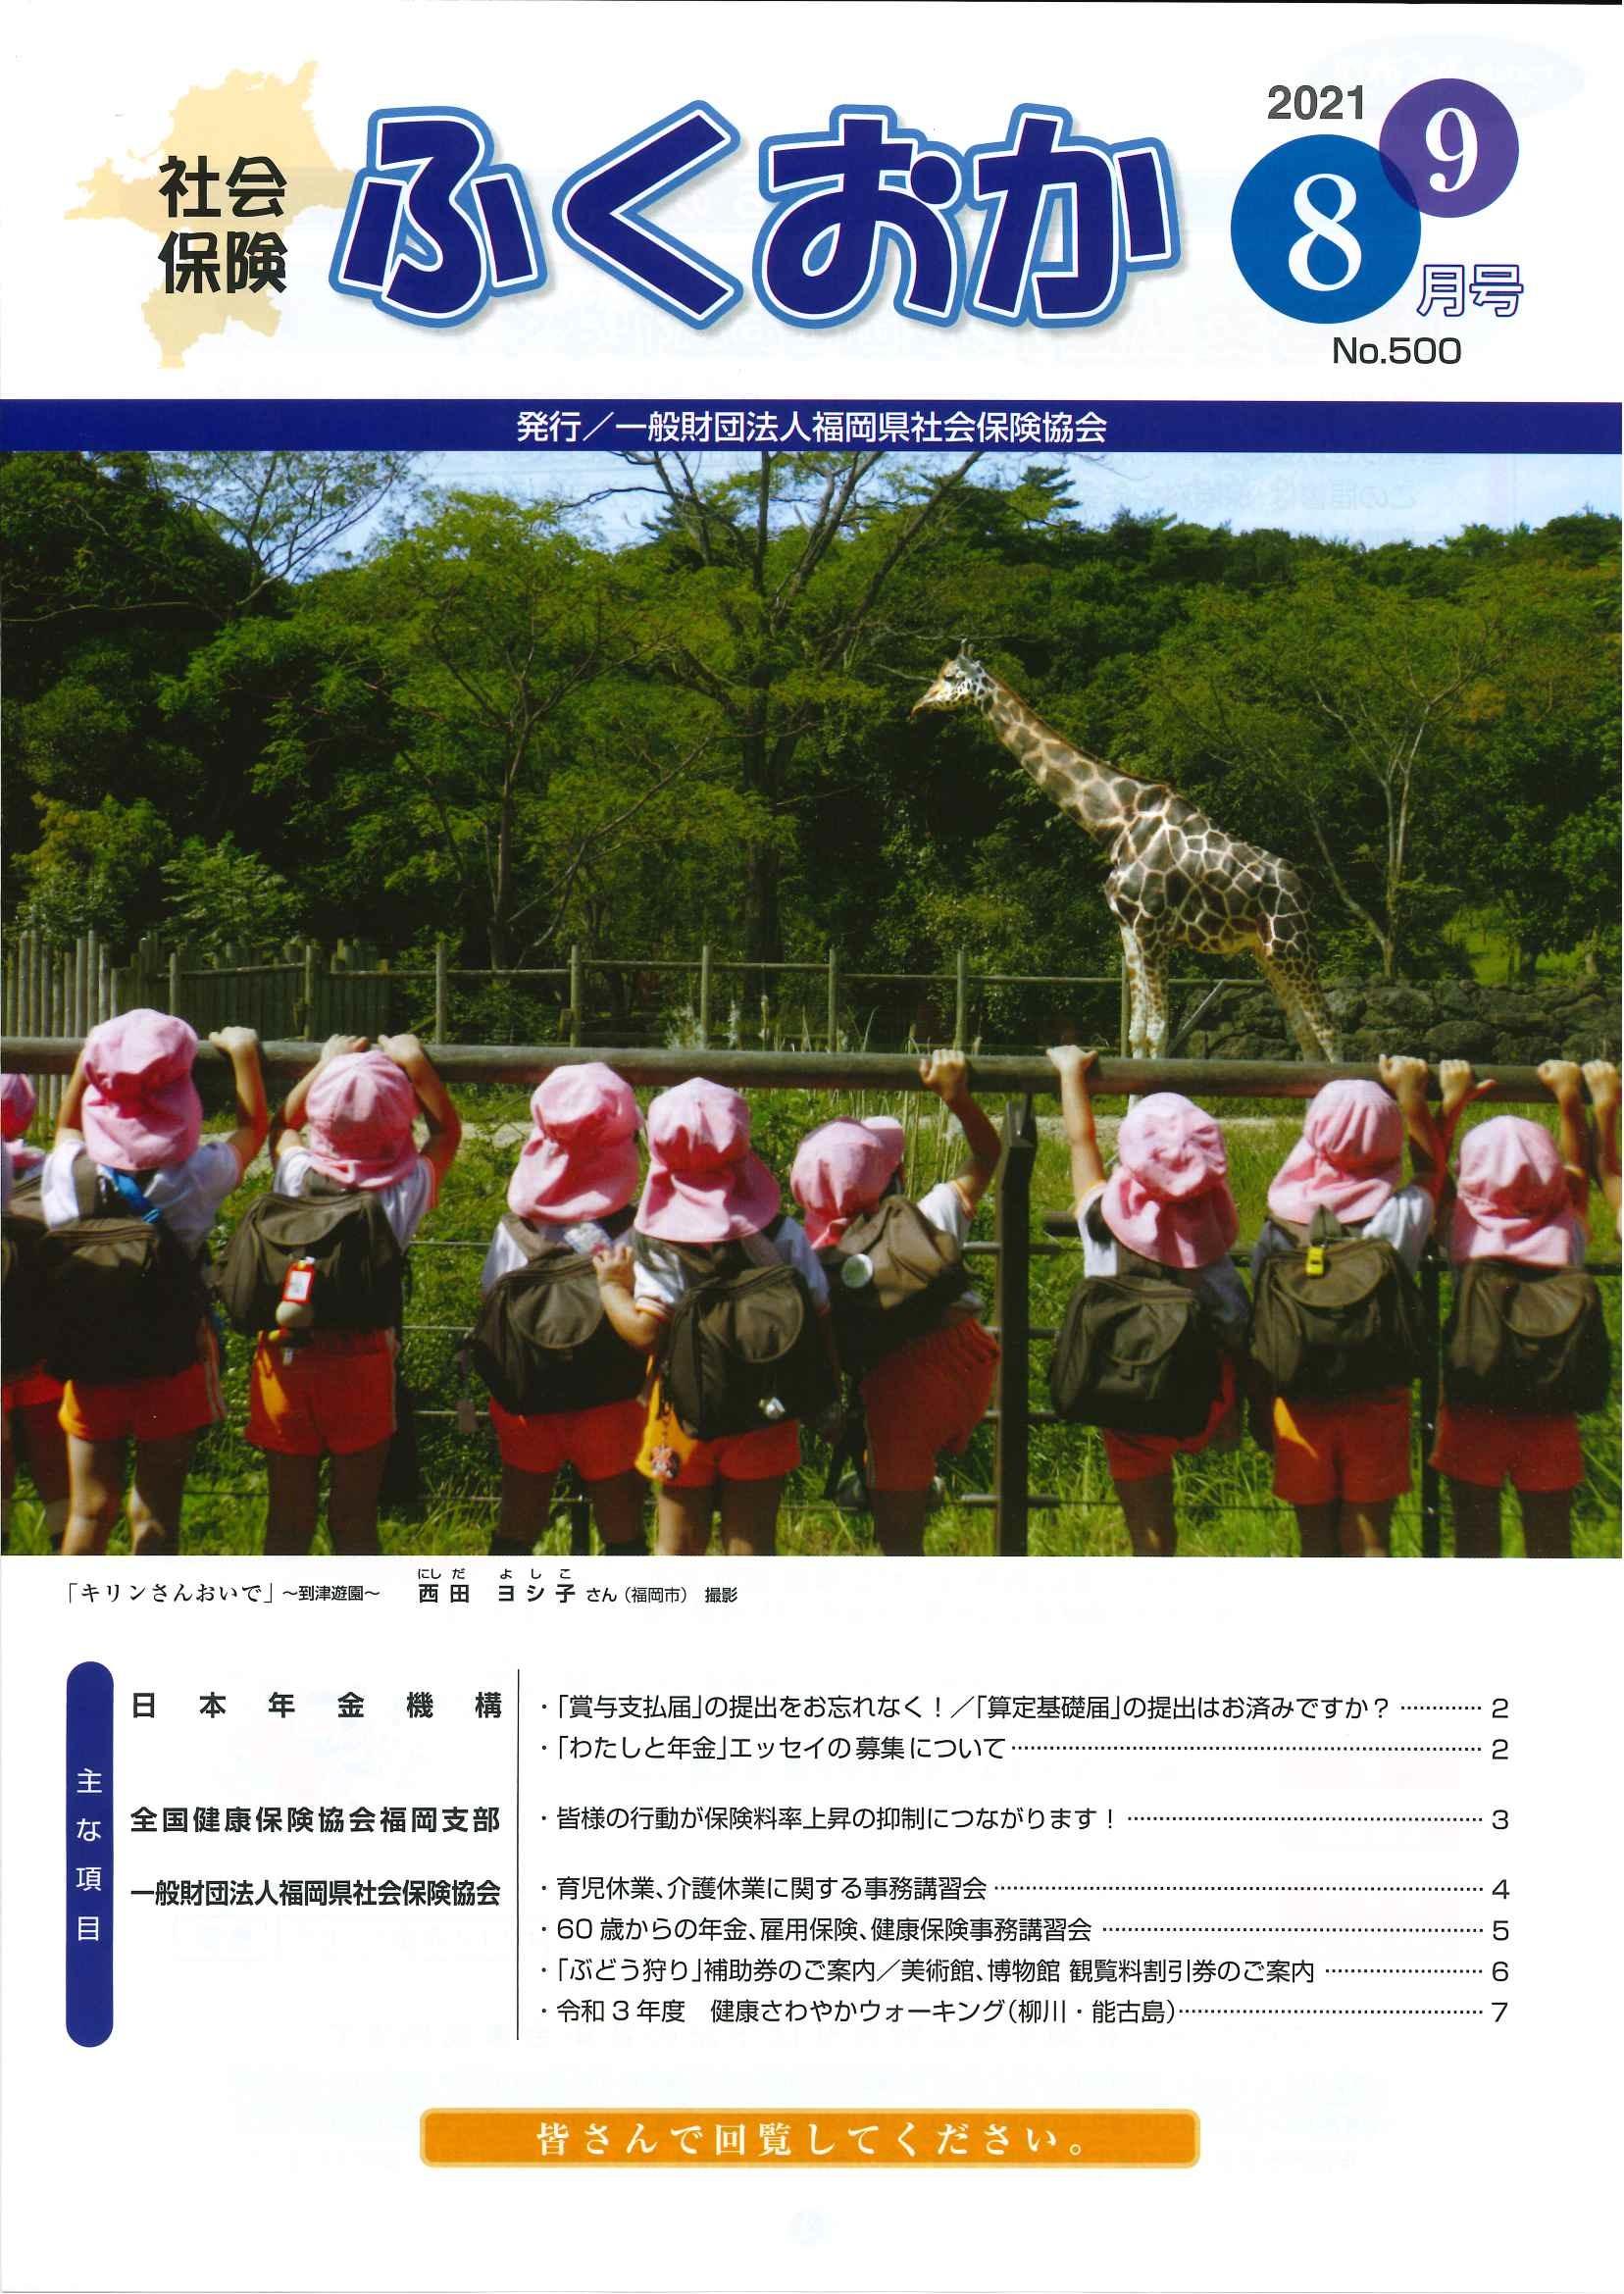 社会保険「ふくおか」2021年 8・9月号_f0120774_09551678.jpg